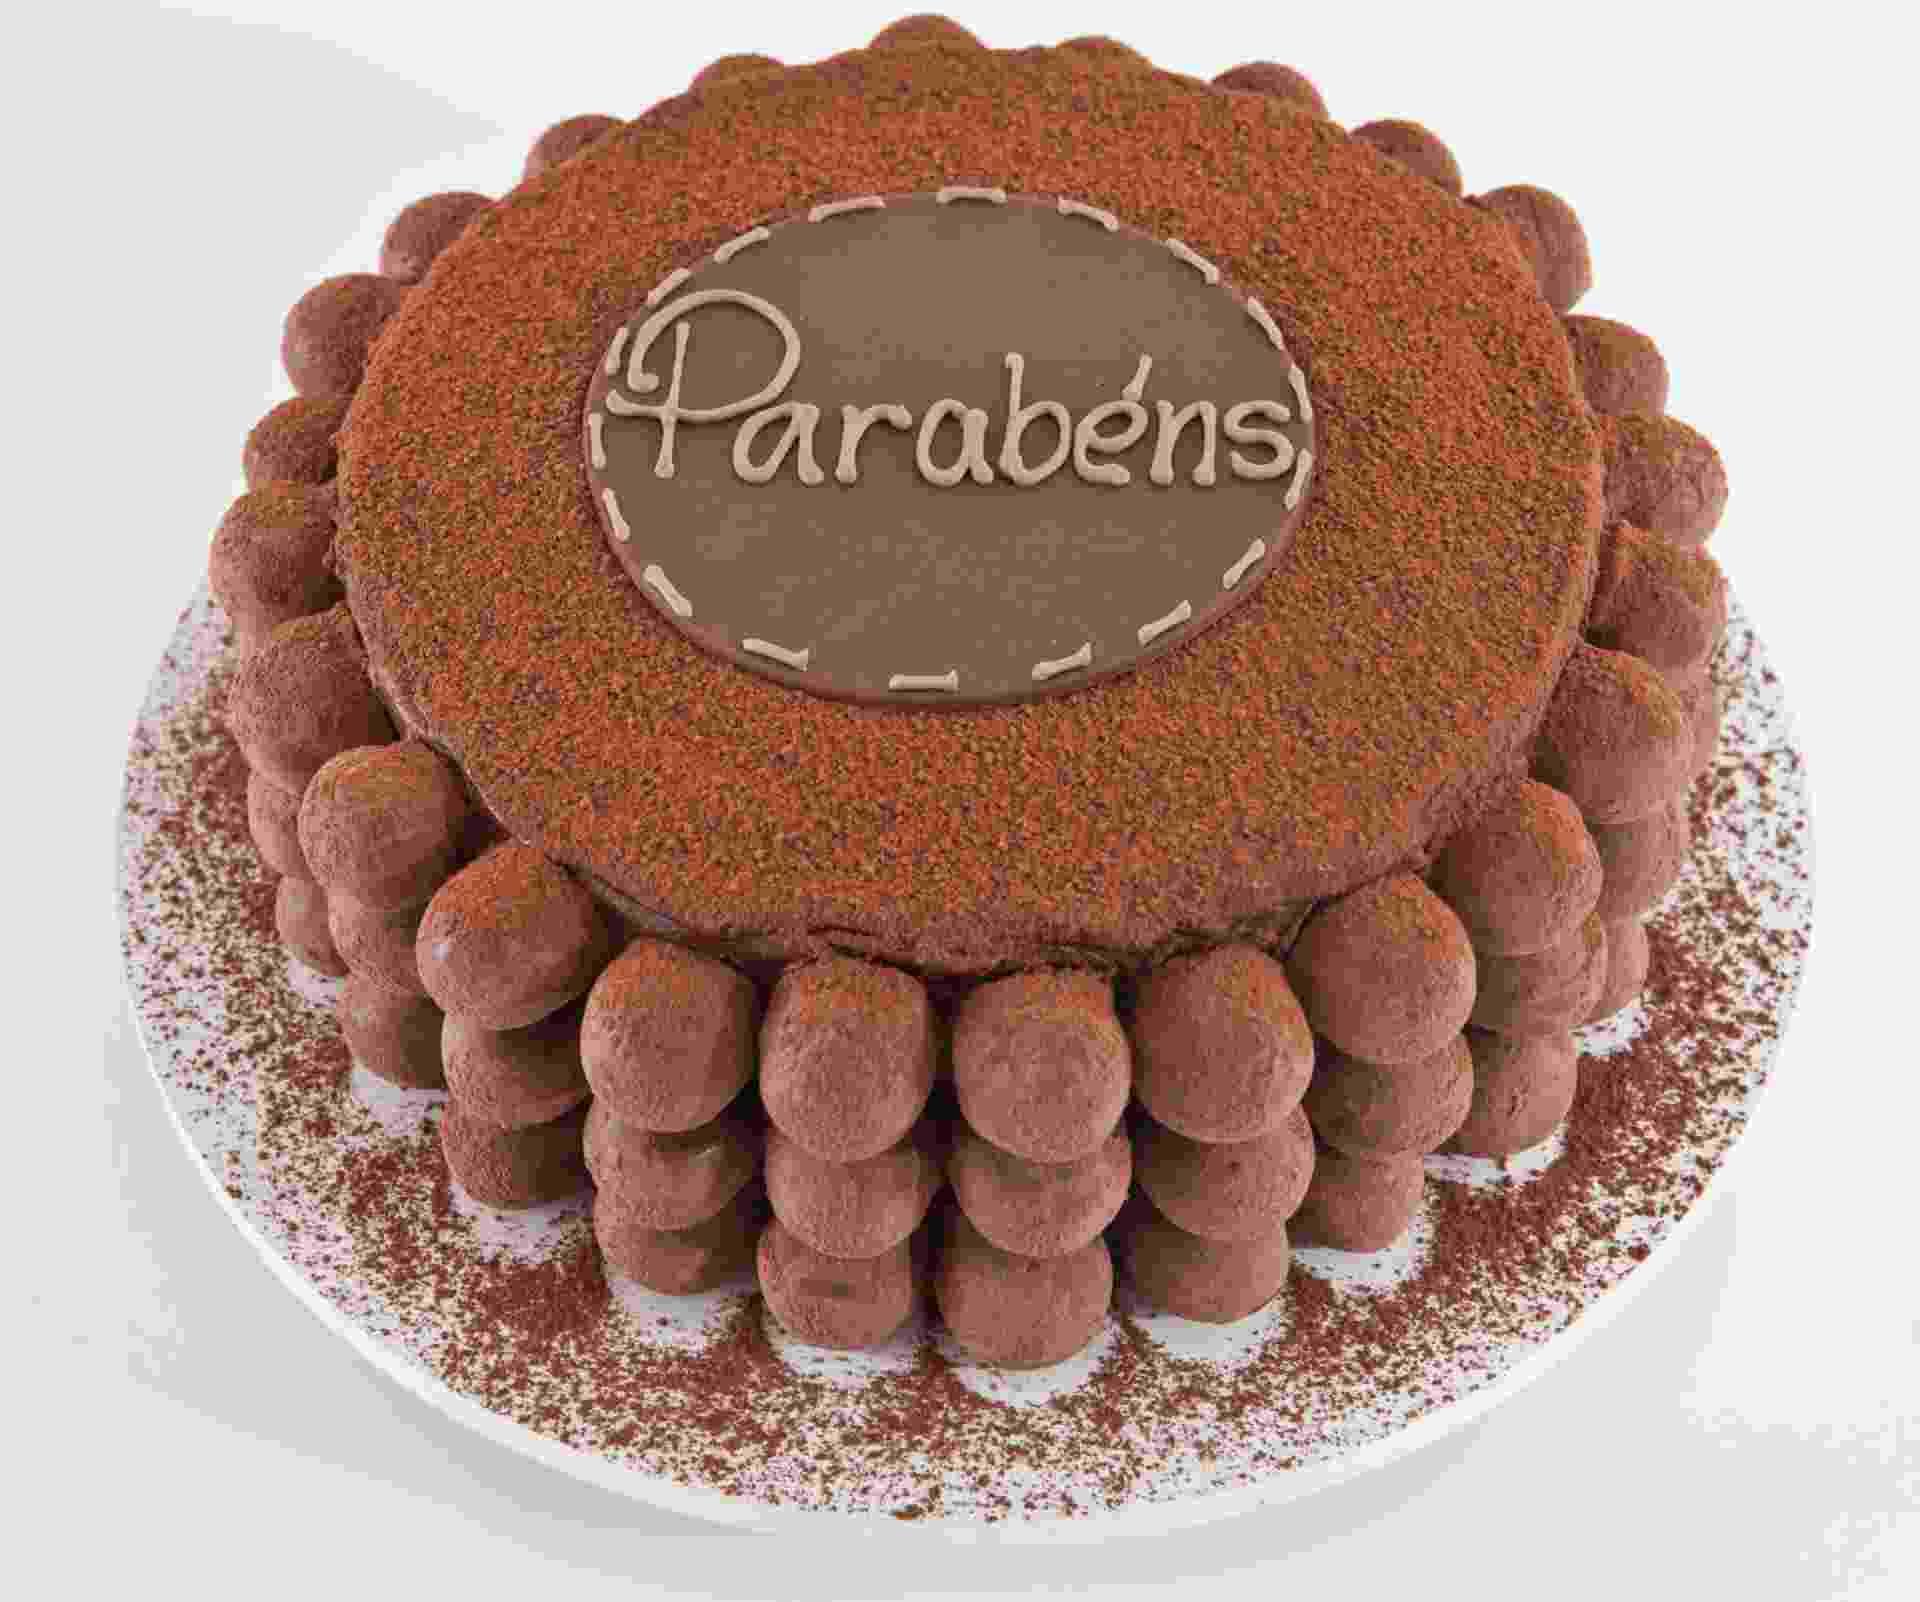 Trufas e chocolate em pó foram os ingredientes usados para dar acabamento ao bolo trufado da Studio Cake (www.studiocake.com.br). Custa R$ 330 e serve 20 pessoas. Preço consultado em setembro de 2015 e sujeito a alterações - Divulgação